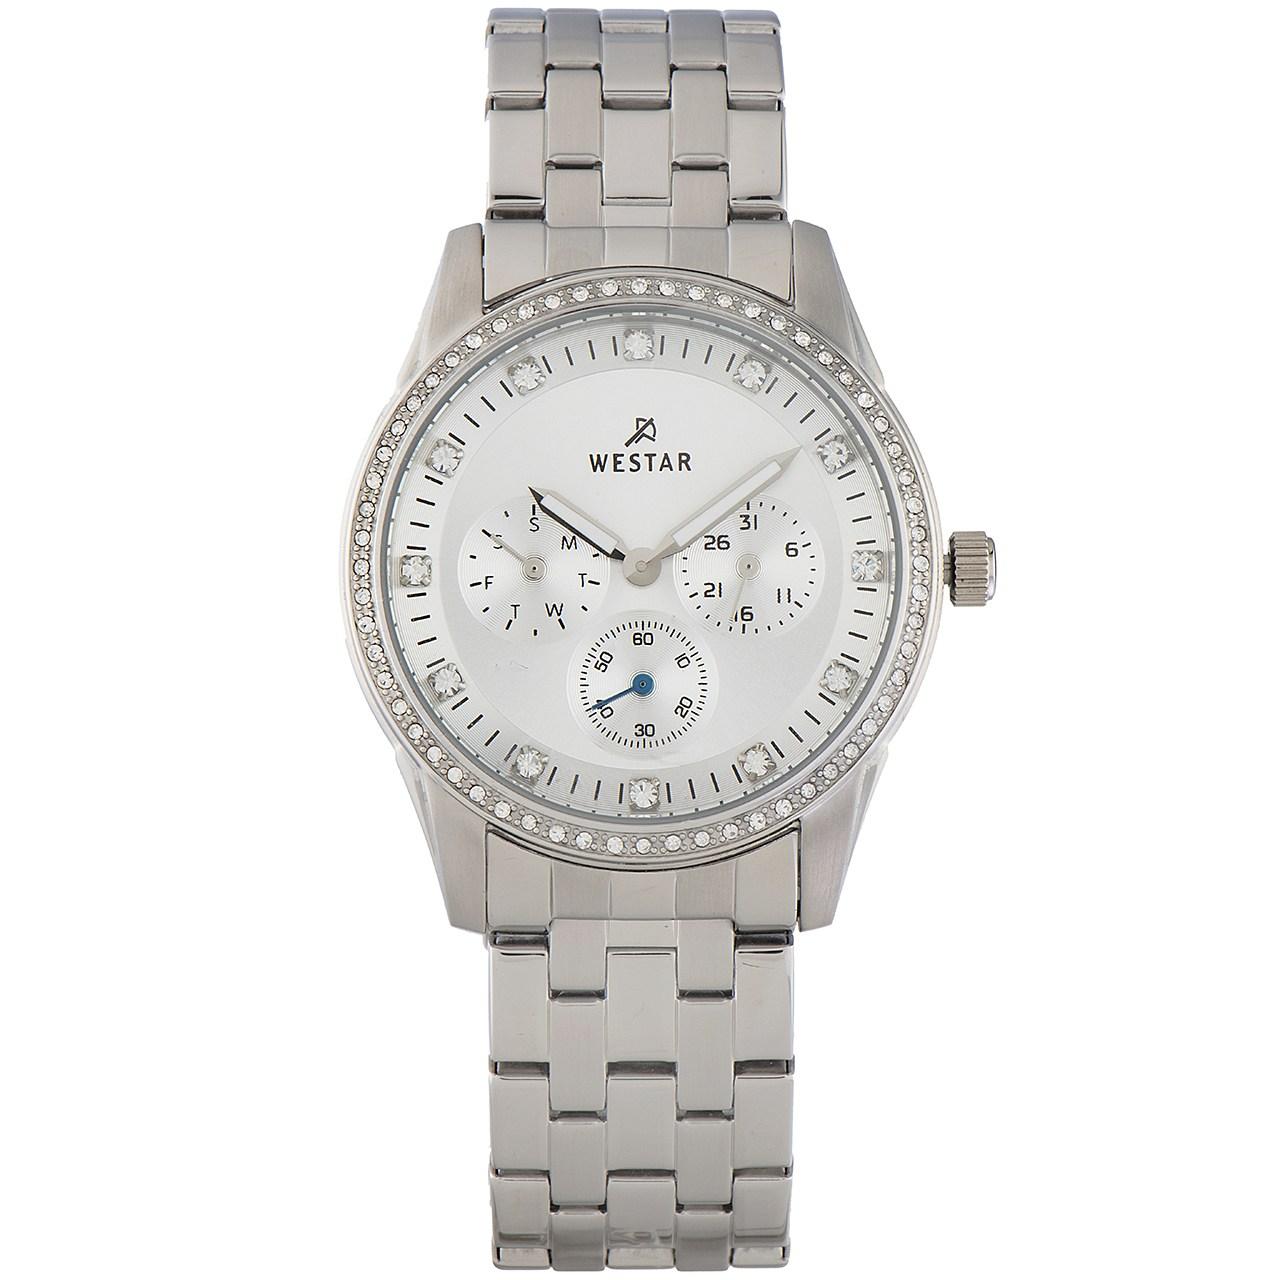 ساعت مچی عقربه ای زنانه وستار مدل W0499STN107